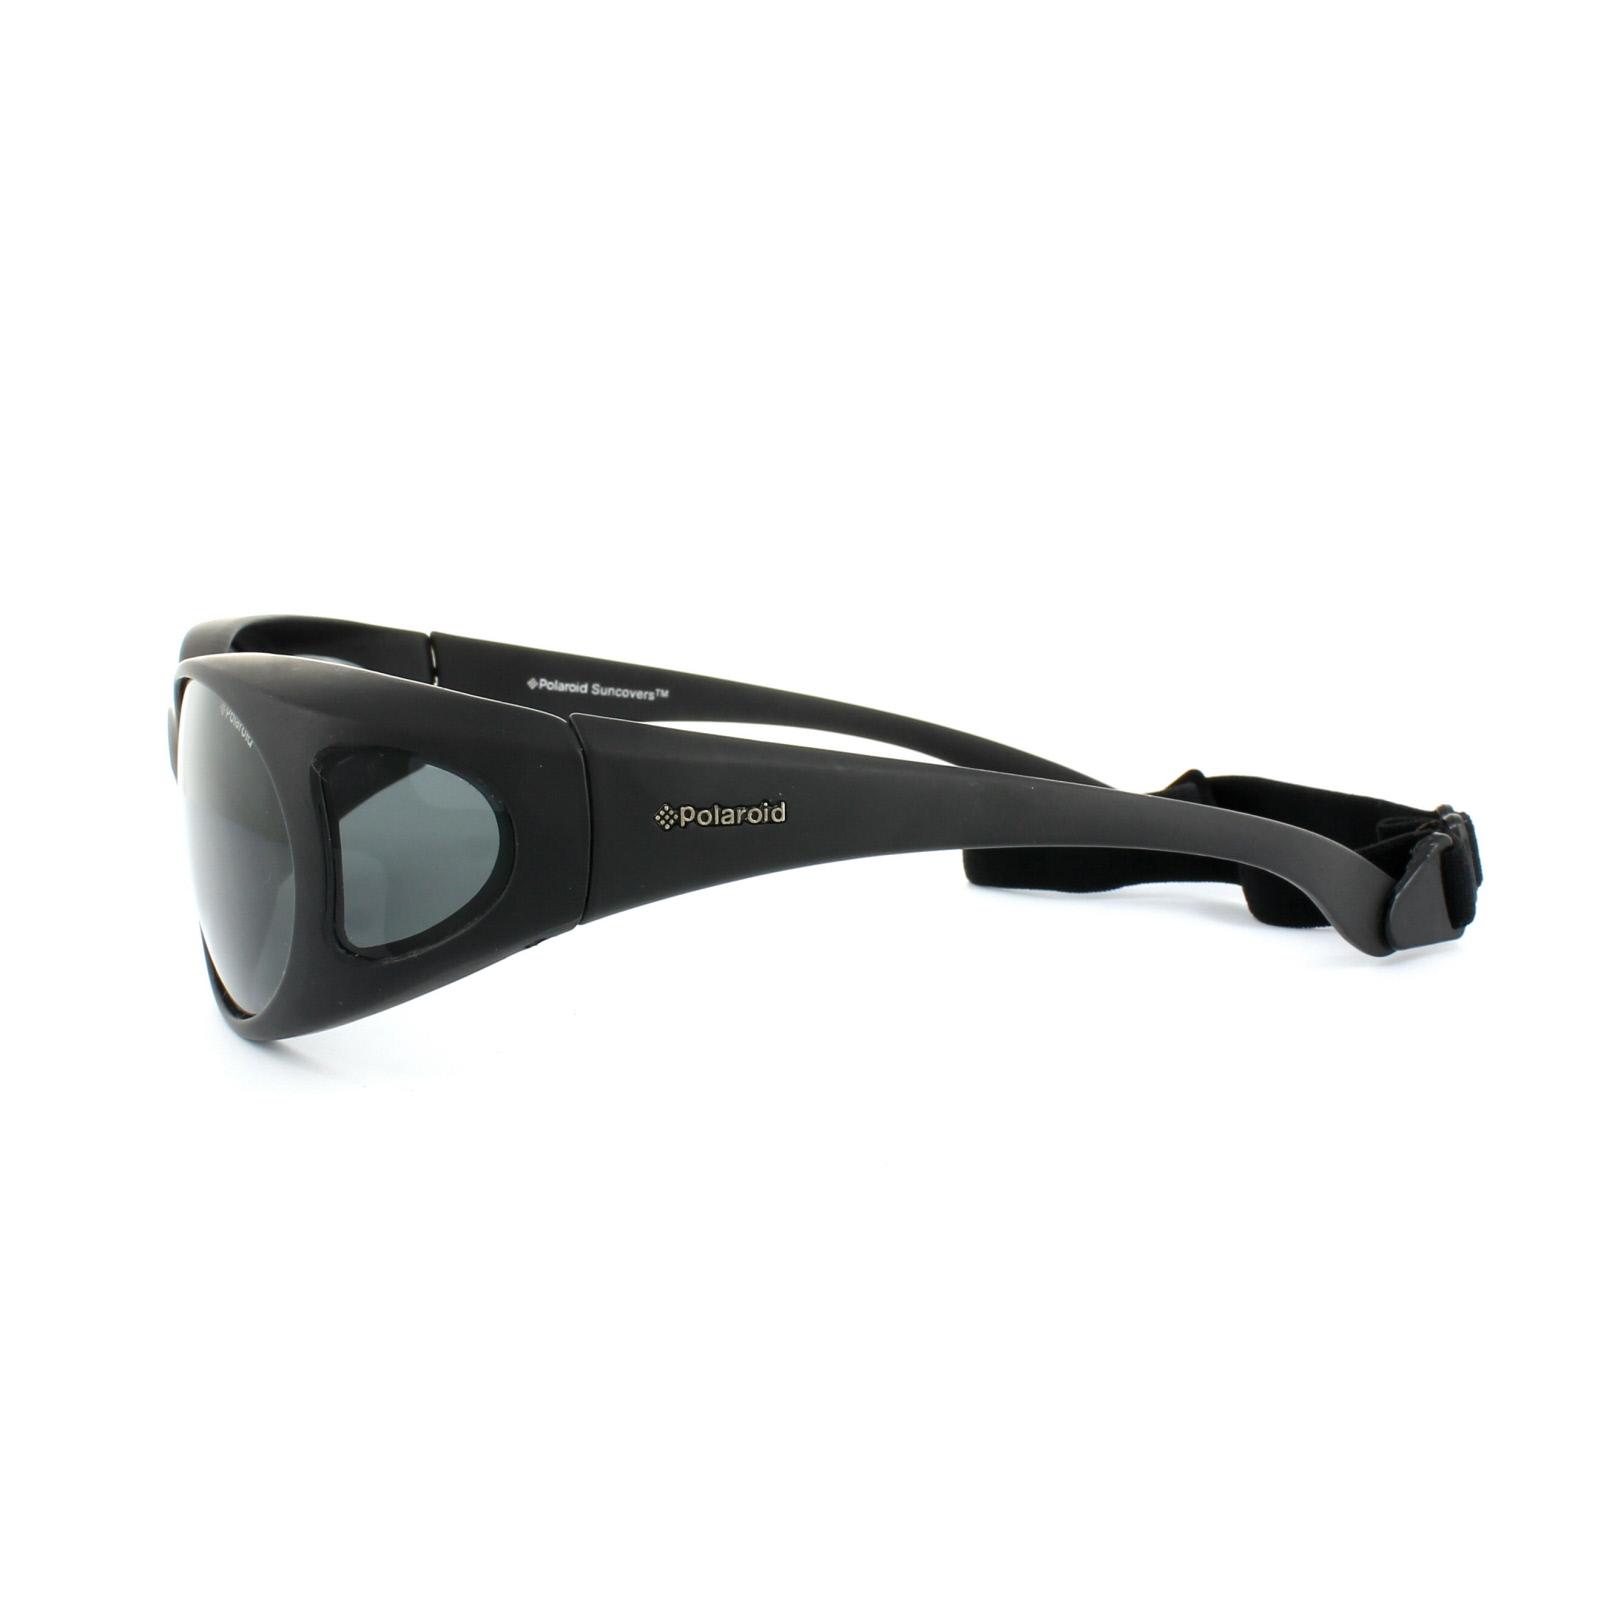 6c4031fd32e Sentinel Polaroid Suncovers Fitover Sunglasses P8900 KIH Y2 Black Grey  Polarized